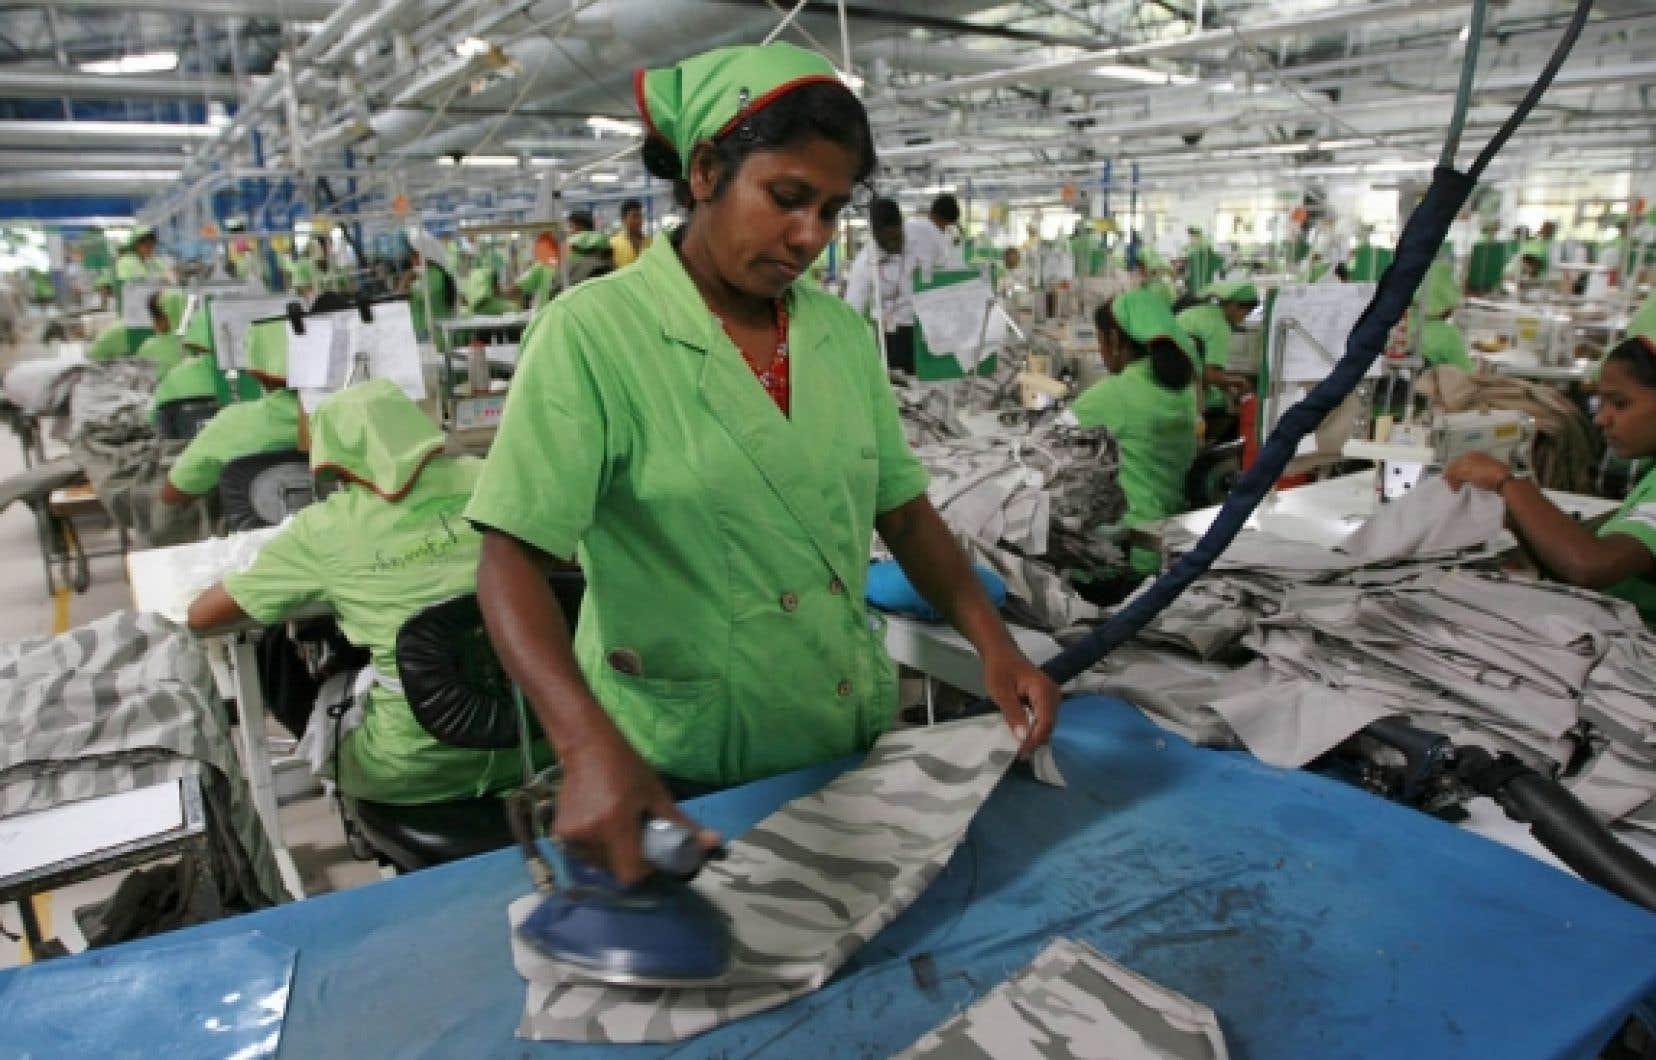 Les pertes seront énormes pour le Sri Lanka, particulièrement dans le secteur du textile.